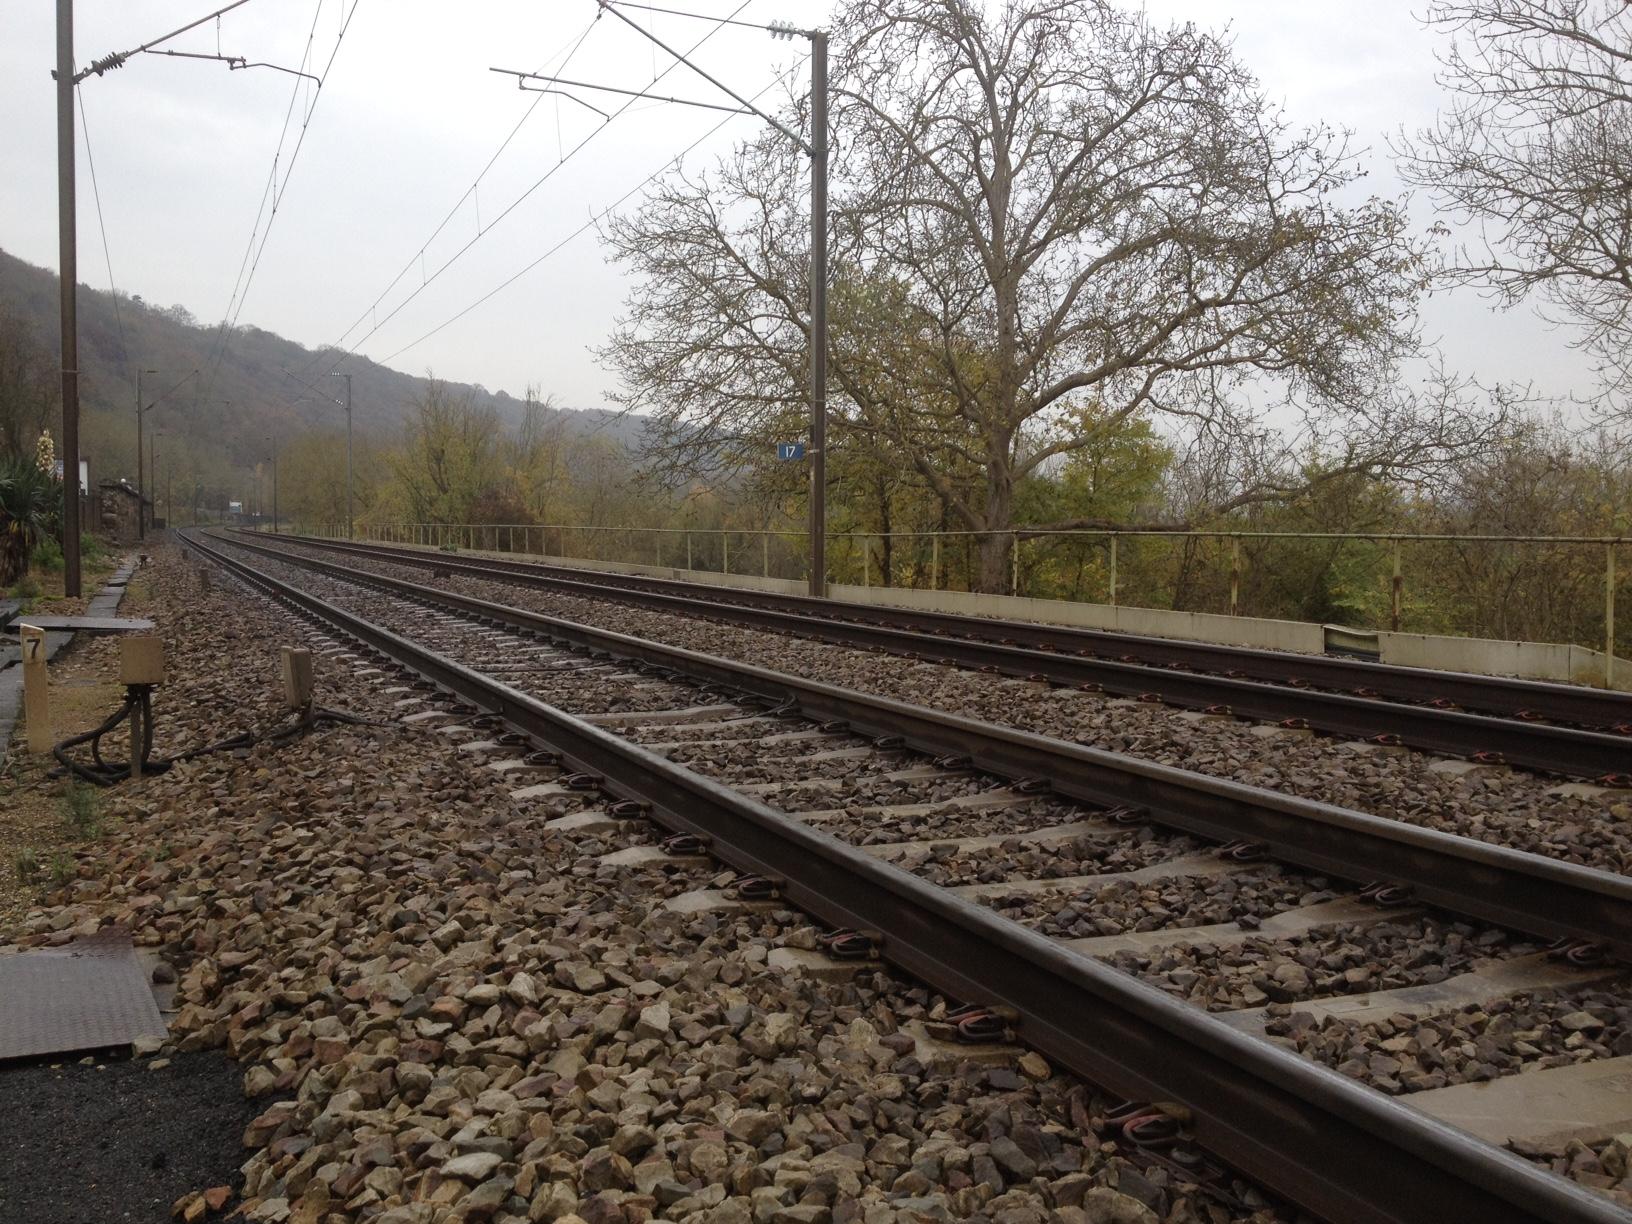 Selon les premiers éléments de l'enquête, l'homme s'est jeté volontairement sous le train lors de son passage en garde de Mantes-la-Jolie (Photo d'illustration)